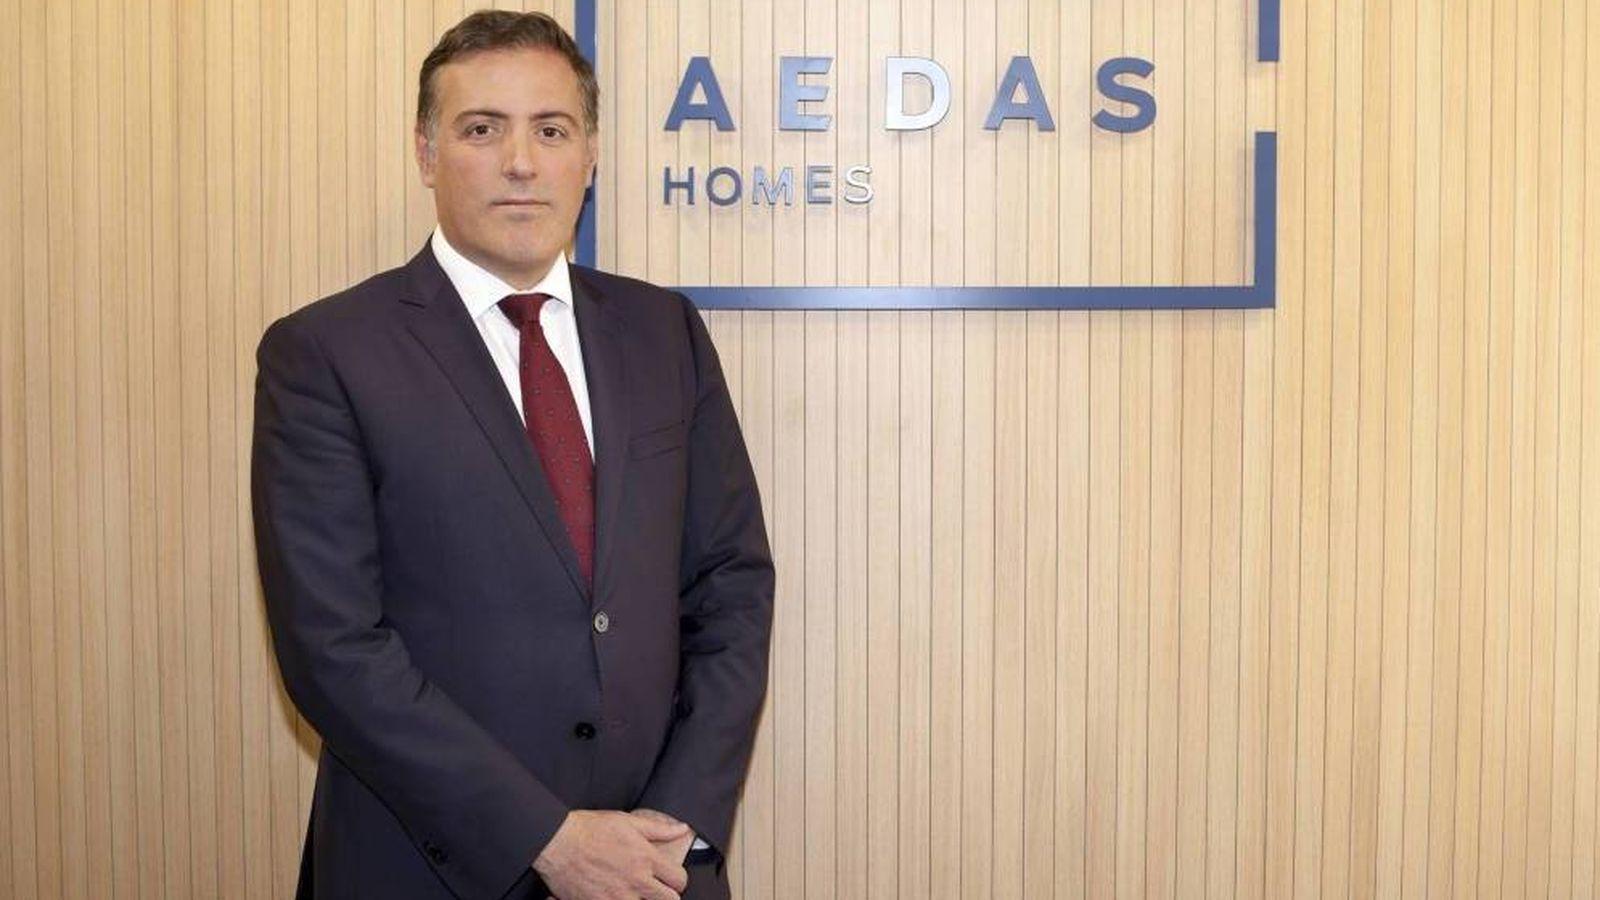 Foto: David Martínez, consejero delegado de Aedas Homes.